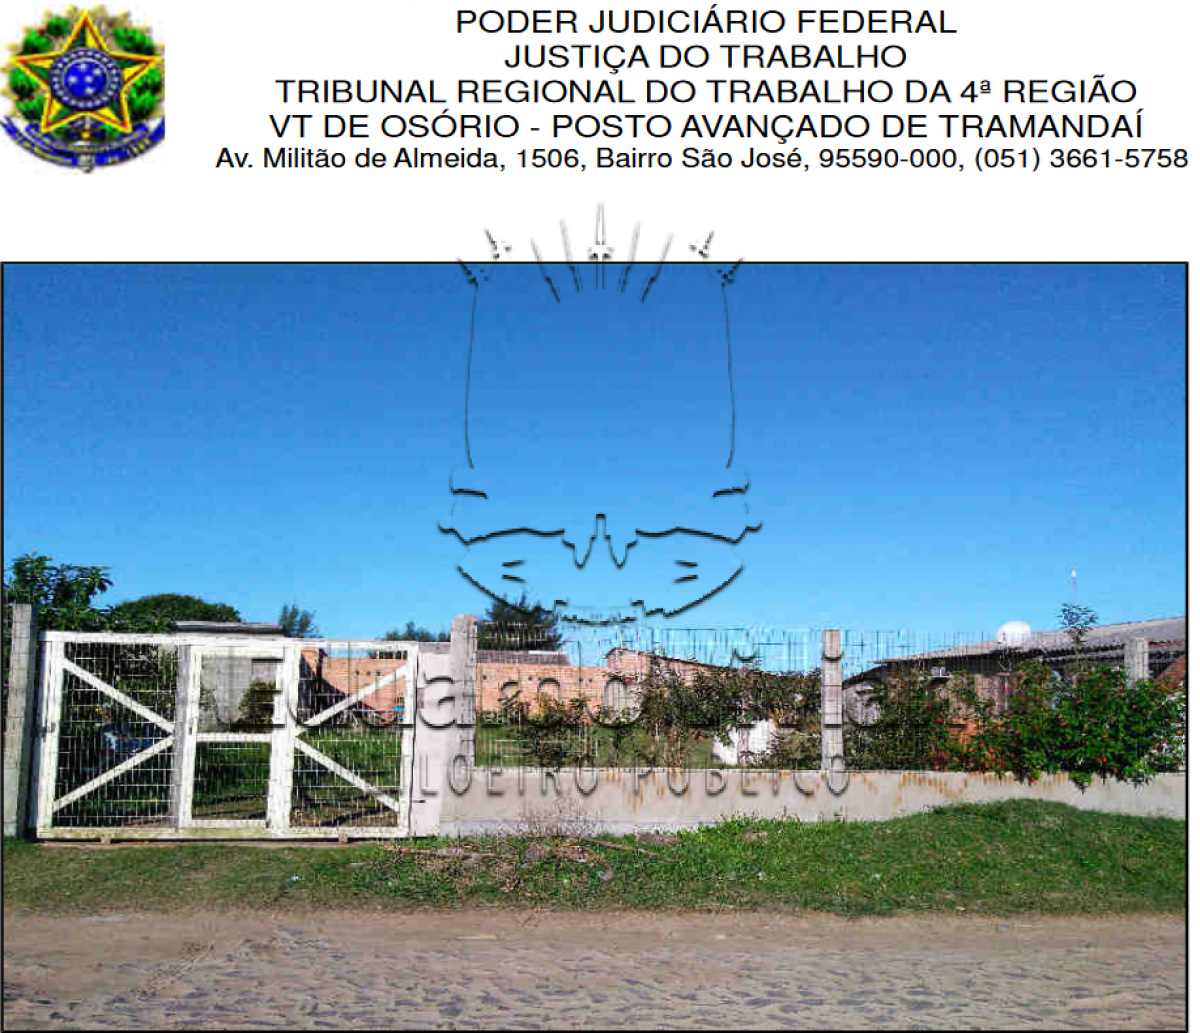 Rua  Epitácio  Pessoa,  s/n, Parque  dos  Presidentes,  em  Tramandaí